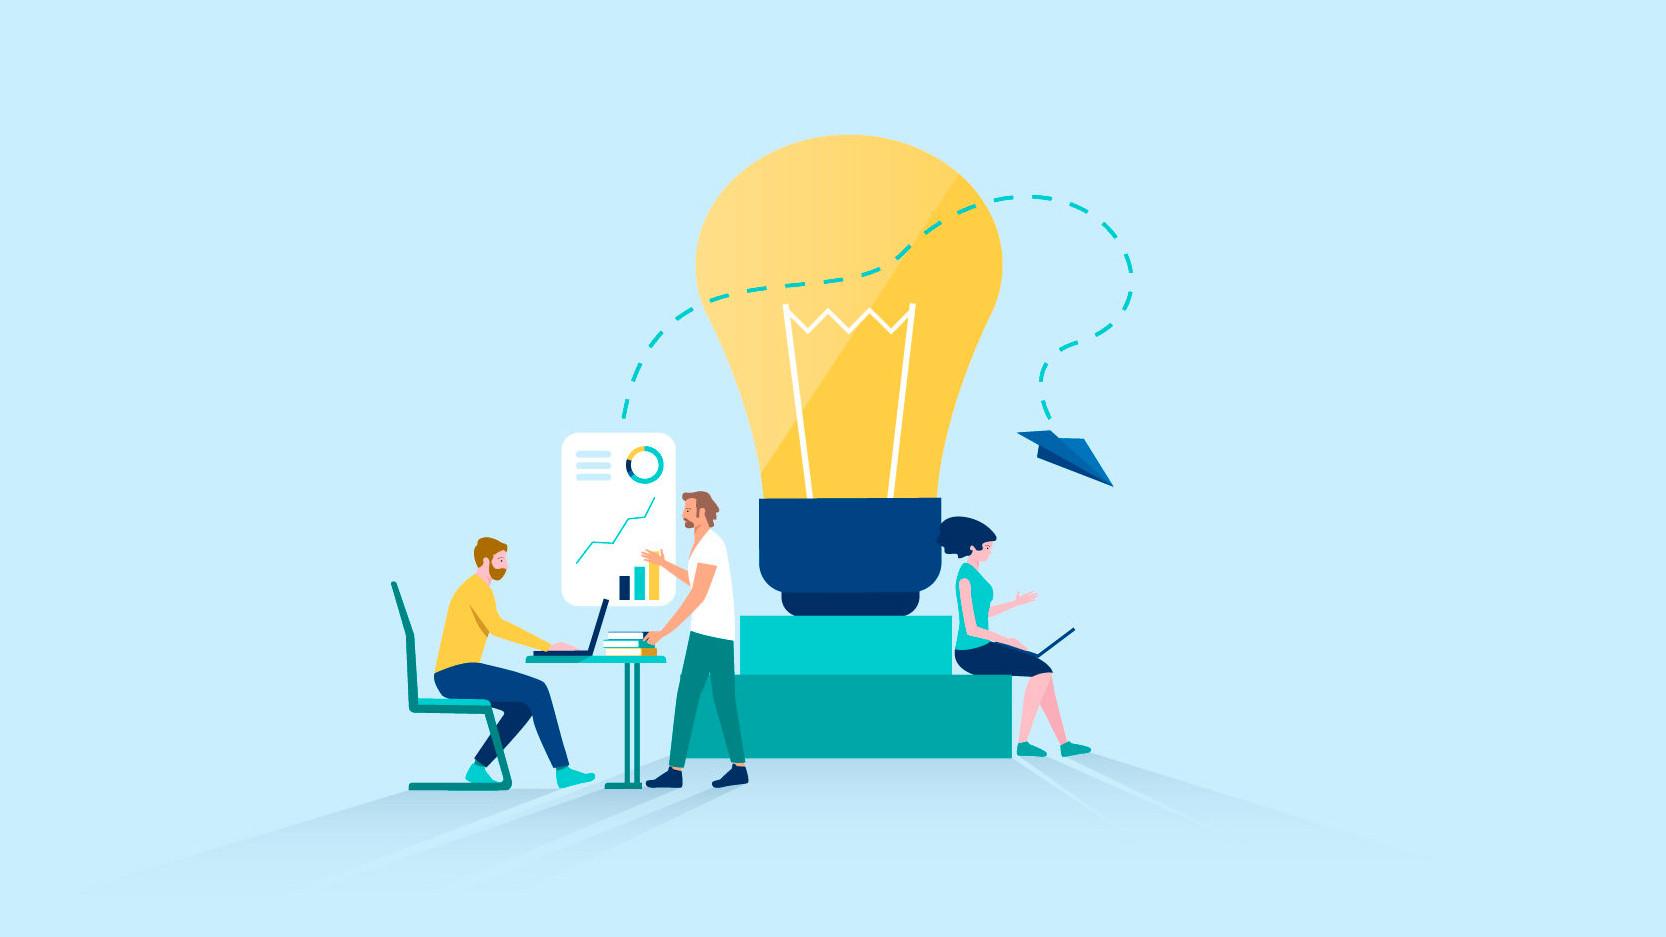 <p>Empresas y startups: la incertidumbre no detiene el ecosistema innovador</p>